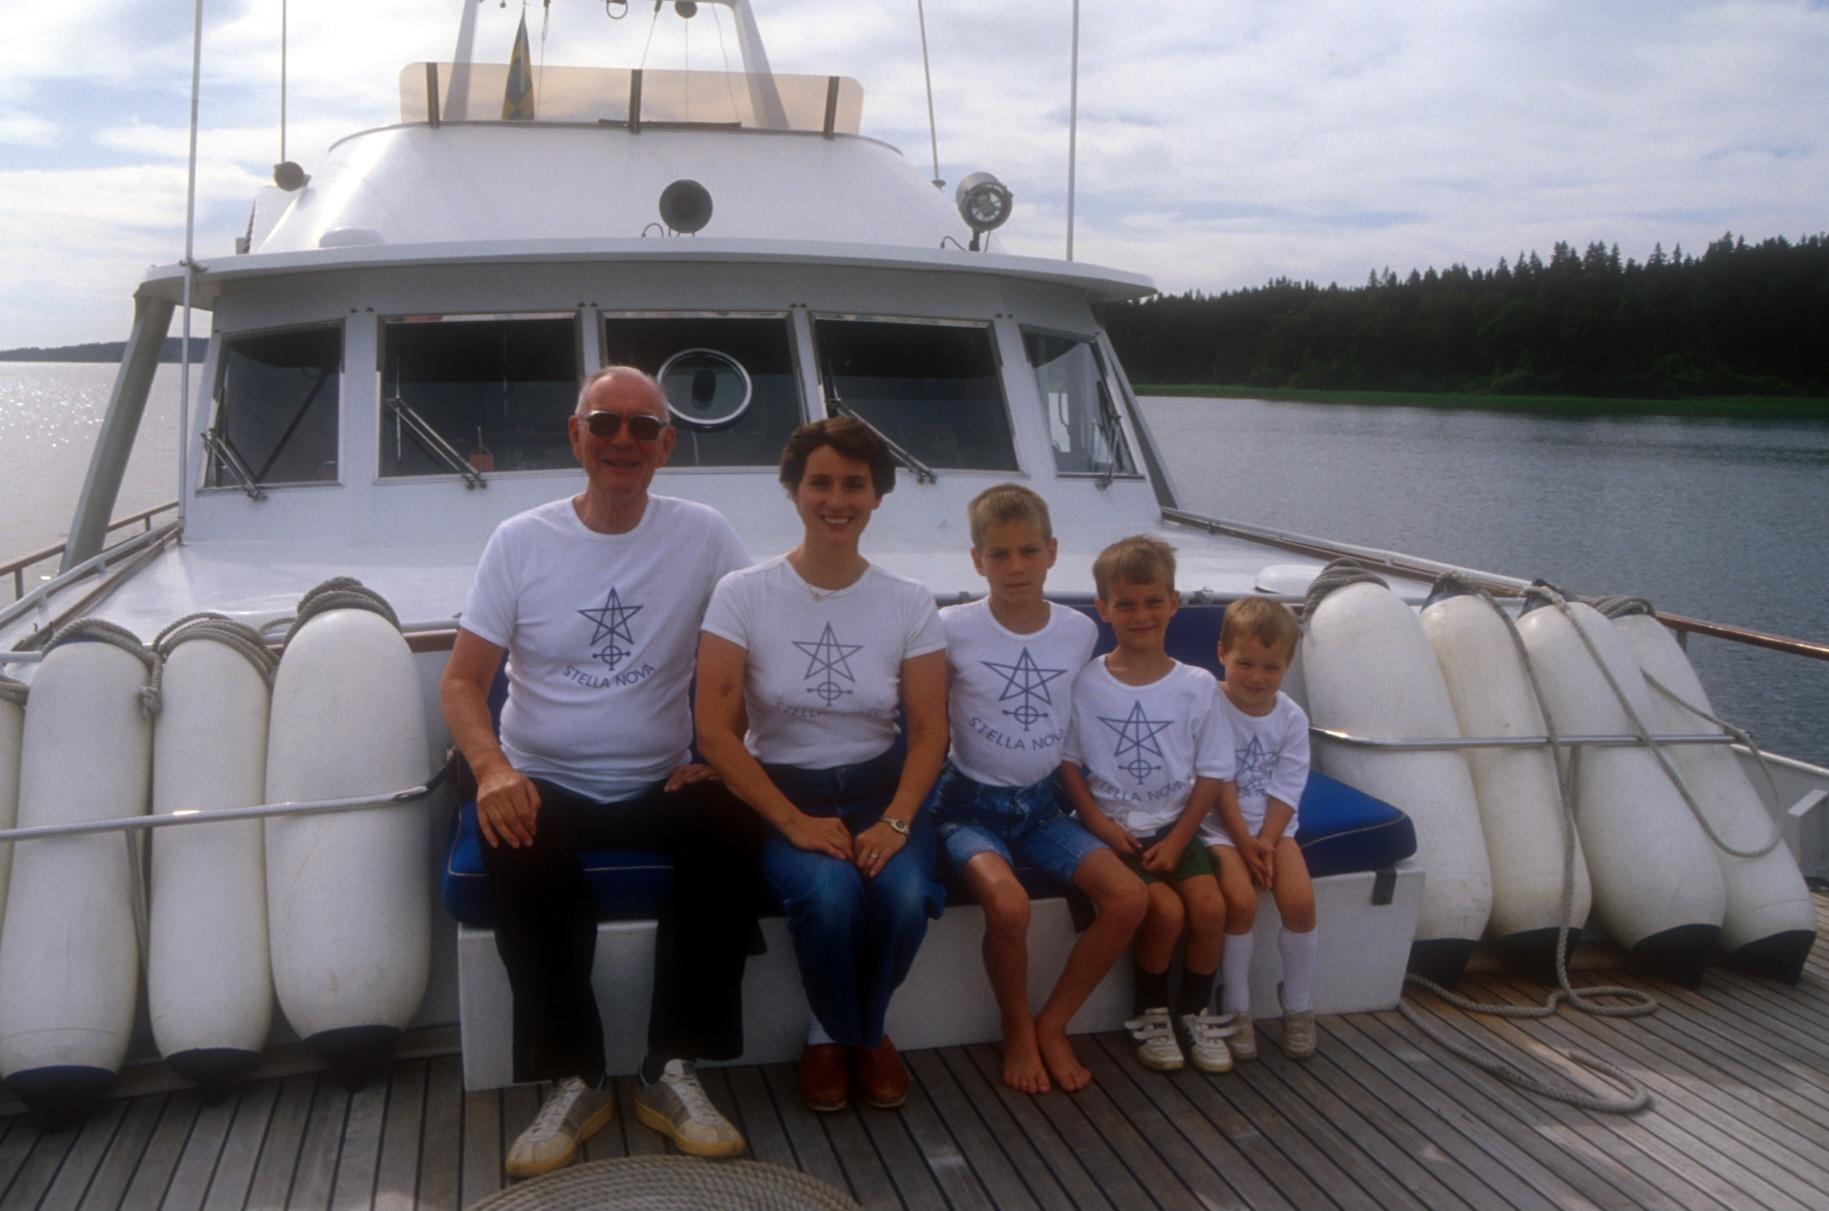 Lennart Bernadotte gróf a feleségével és a gyerekeikkel egy nyaraláson a 80-as években